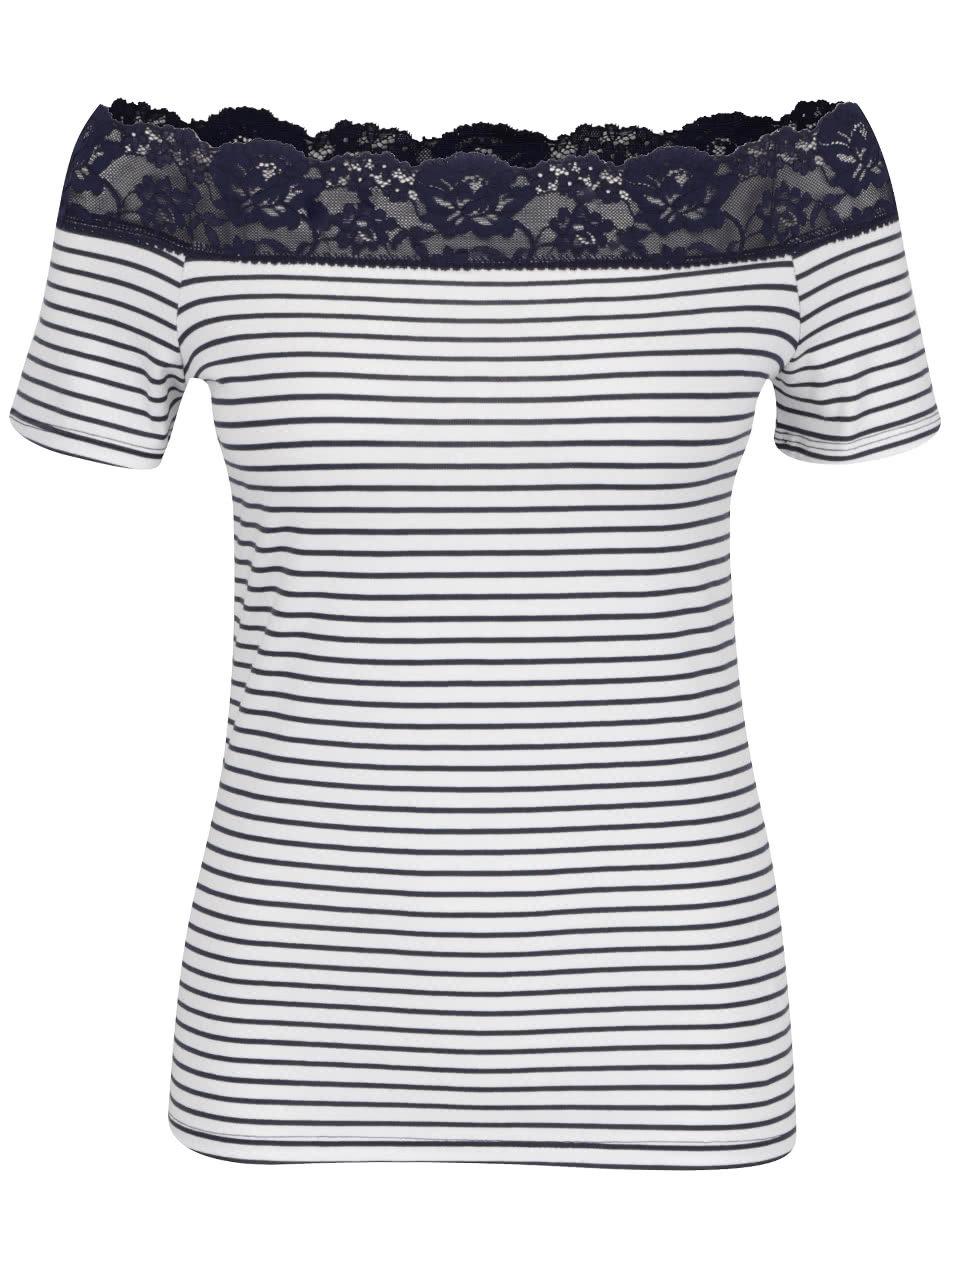 8b7e028d76a9 Modro-biele pruhované tričko s čipkou Dorothy Perkins ...